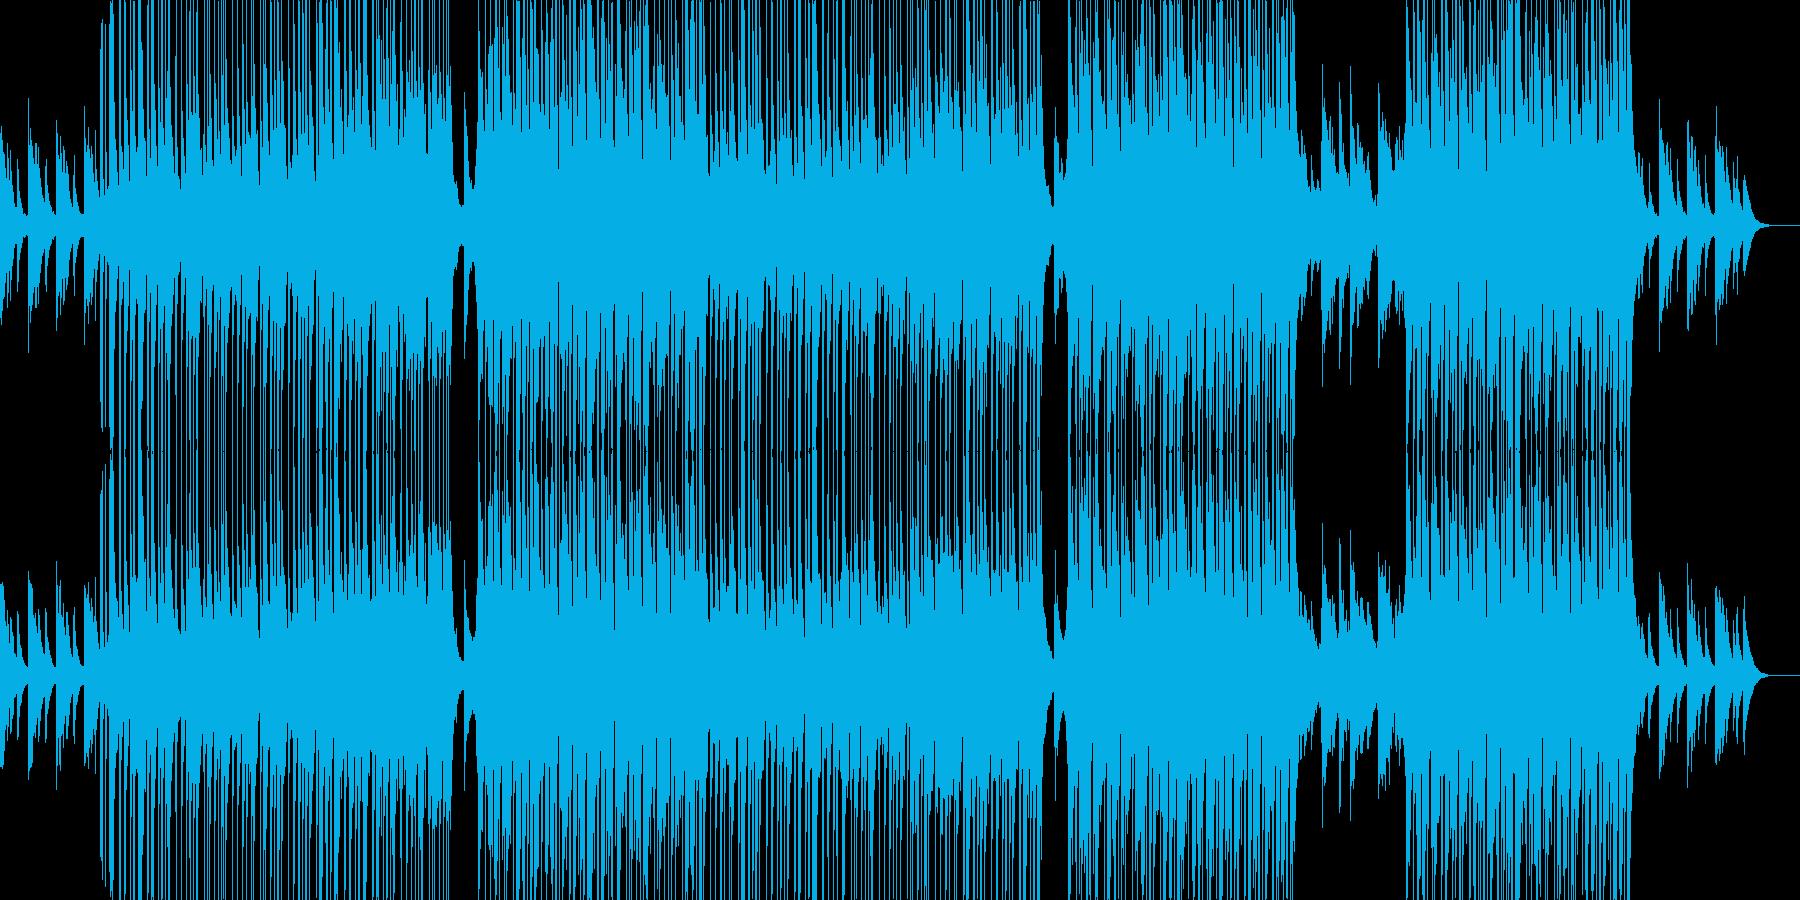 落ち着いた切ない感じのR&B曲の再生済みの波形